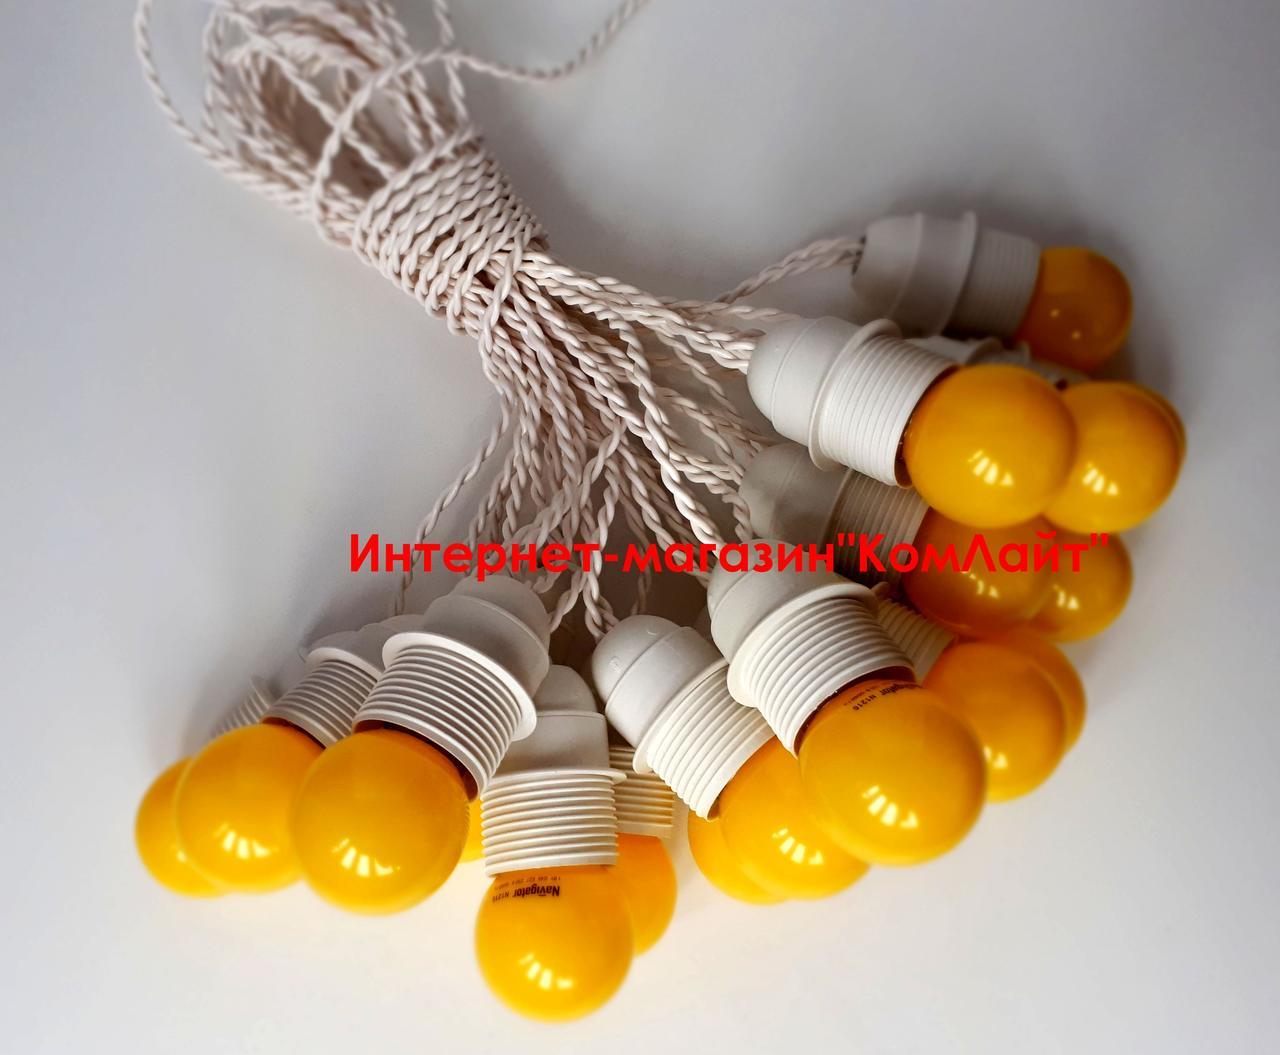 Гирлянда белая 10 метров 17 патронов Е27 с жёлтыми led лампами + 5 метров